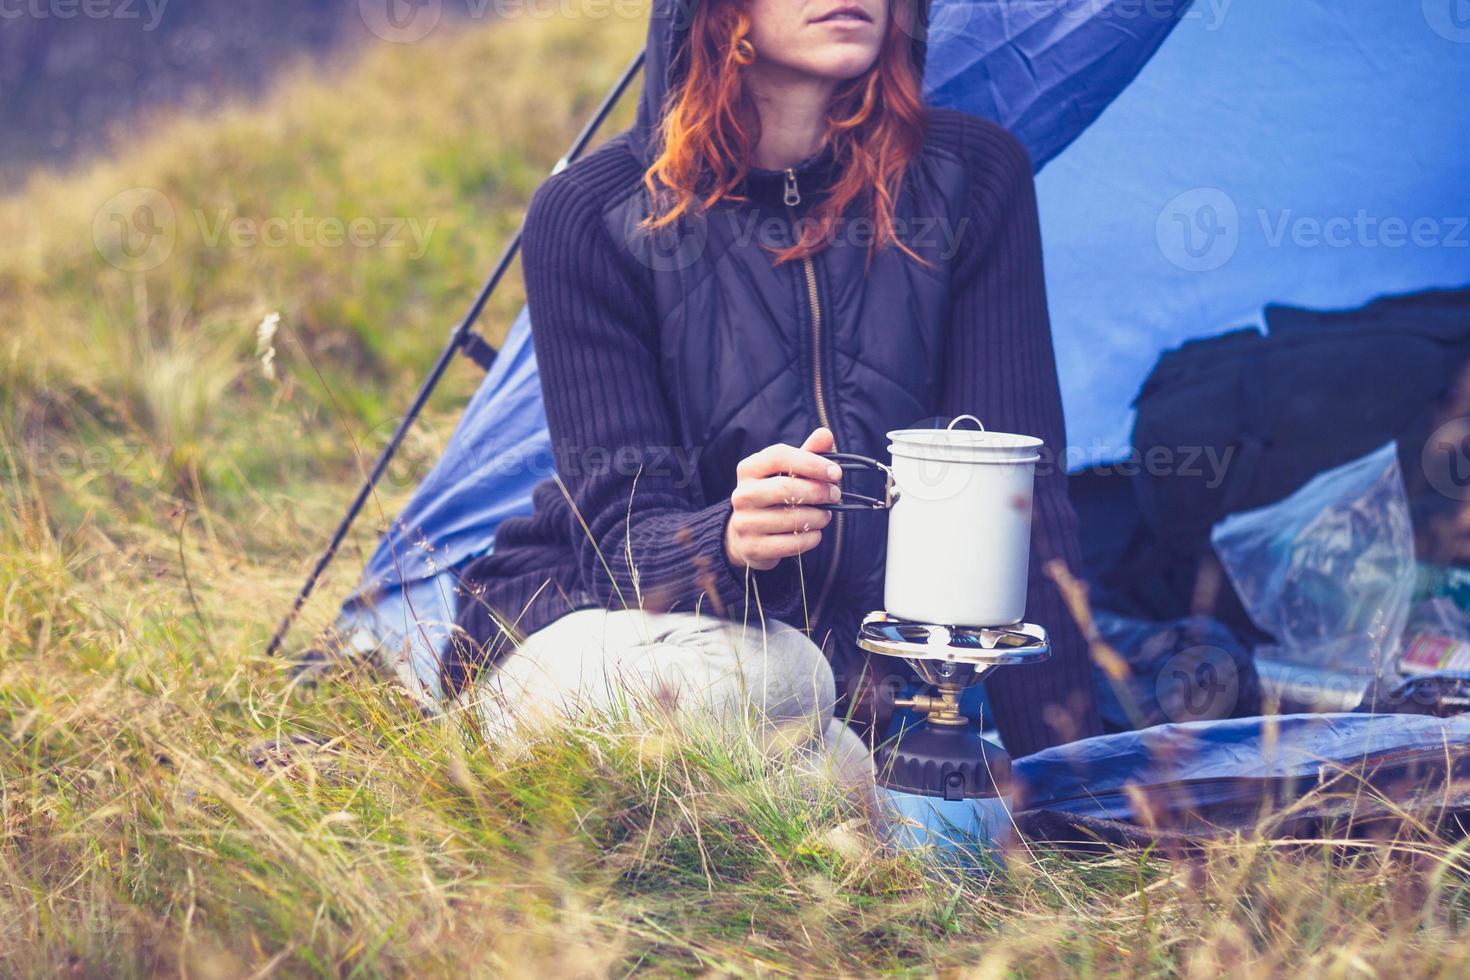 una femmina che cucina con fornello a gas portatile durante il campeggio foto